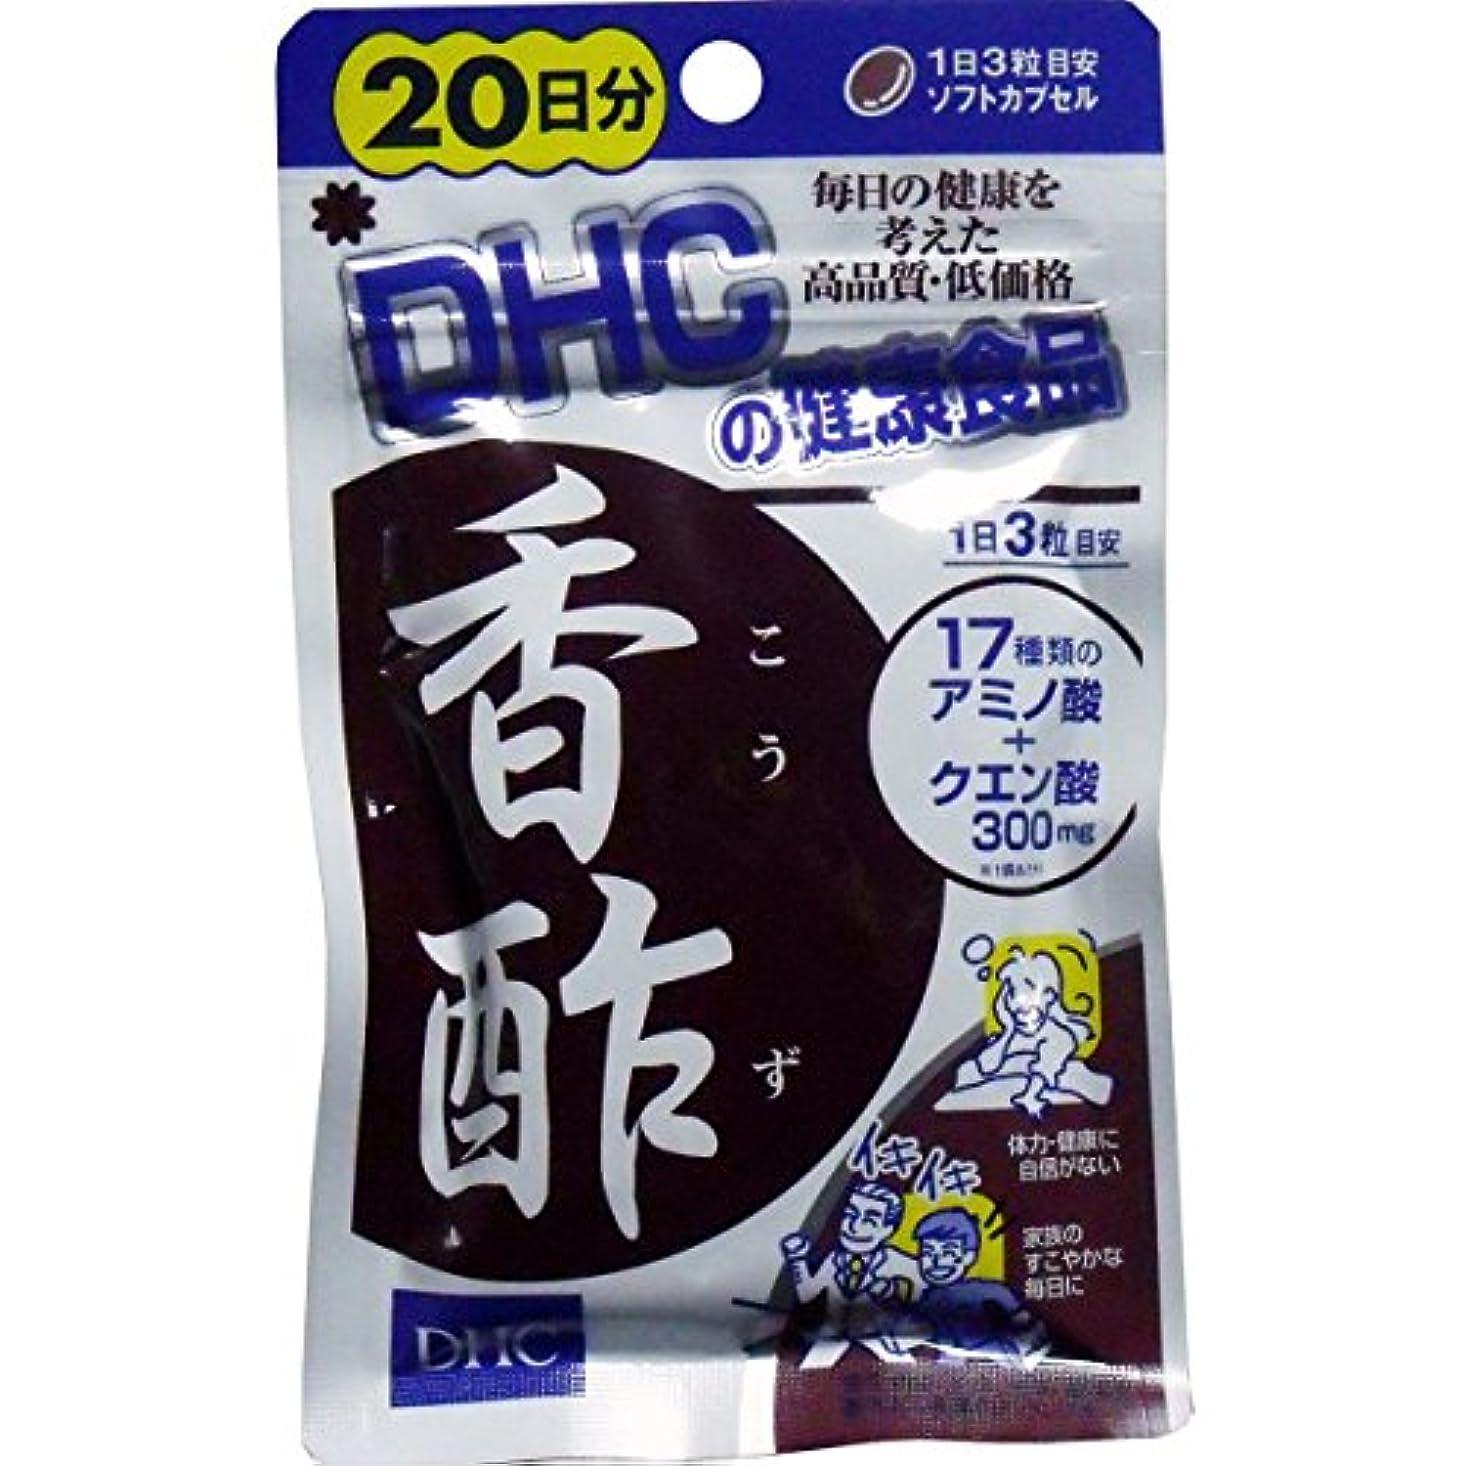 ページトリッキー巨大DHC 香酢 20日分 60粒入「3点セット」